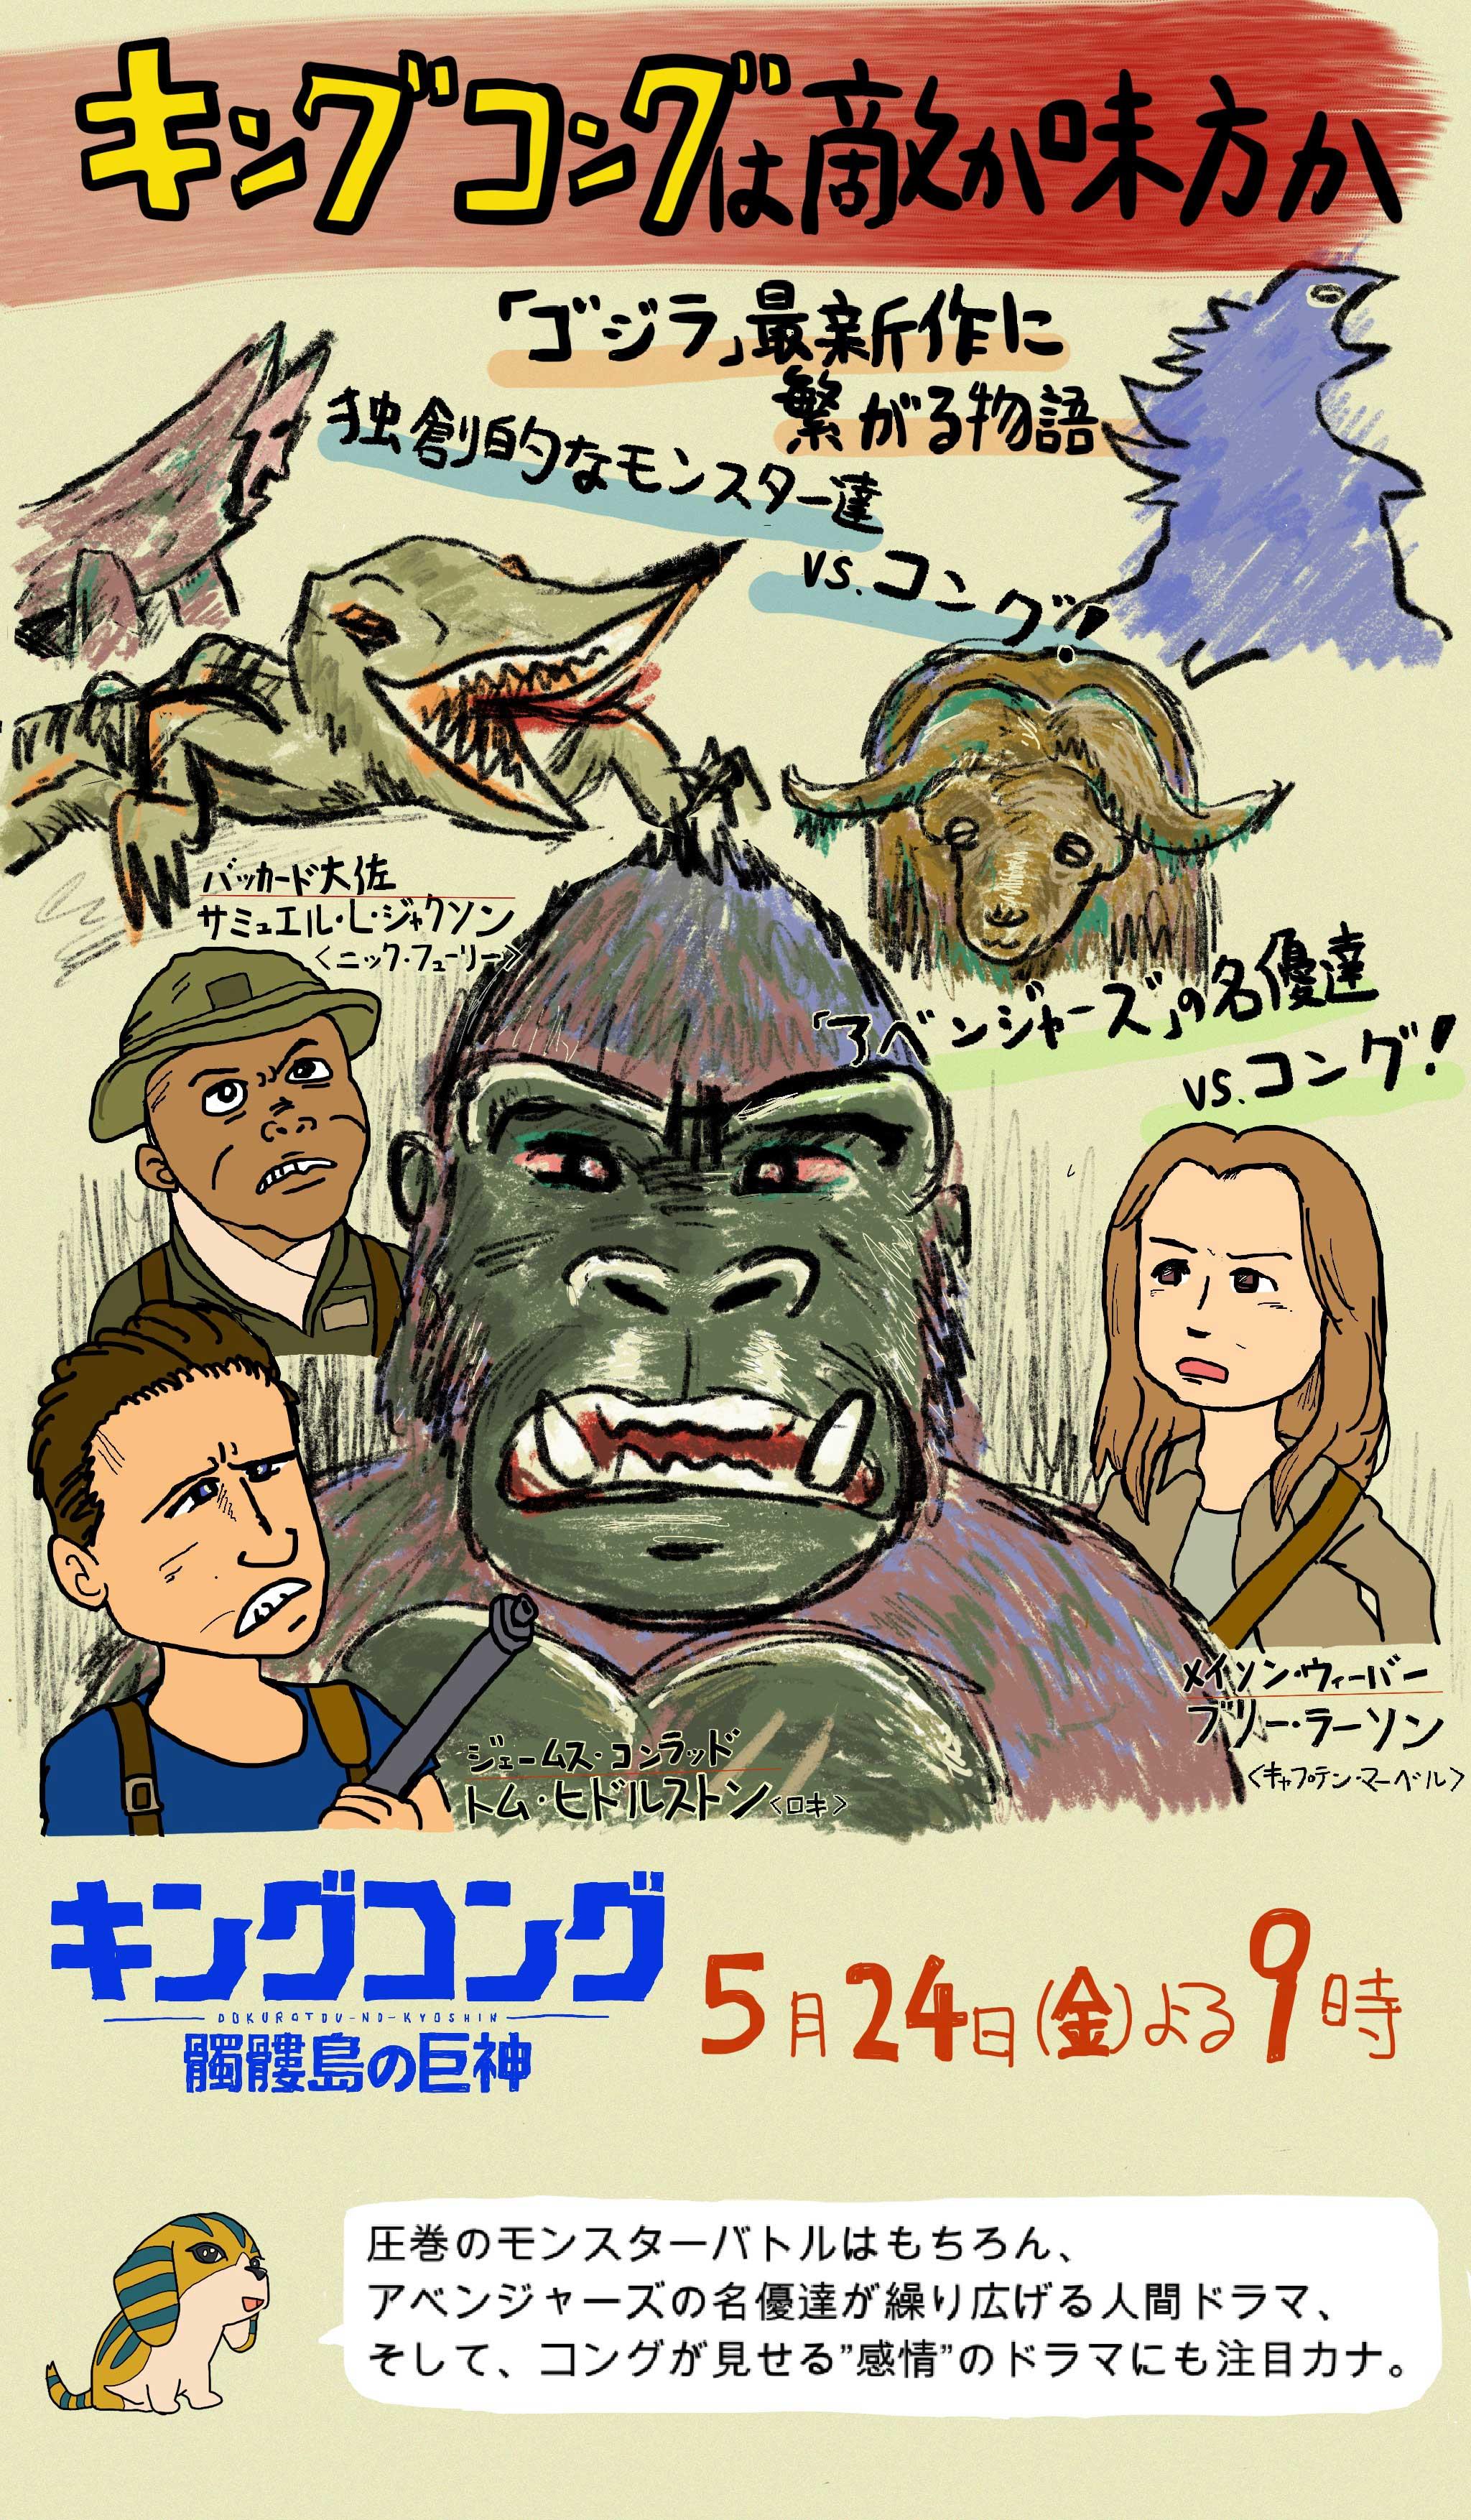 キングコング: 髑髏島の巨神のイラストレビュー